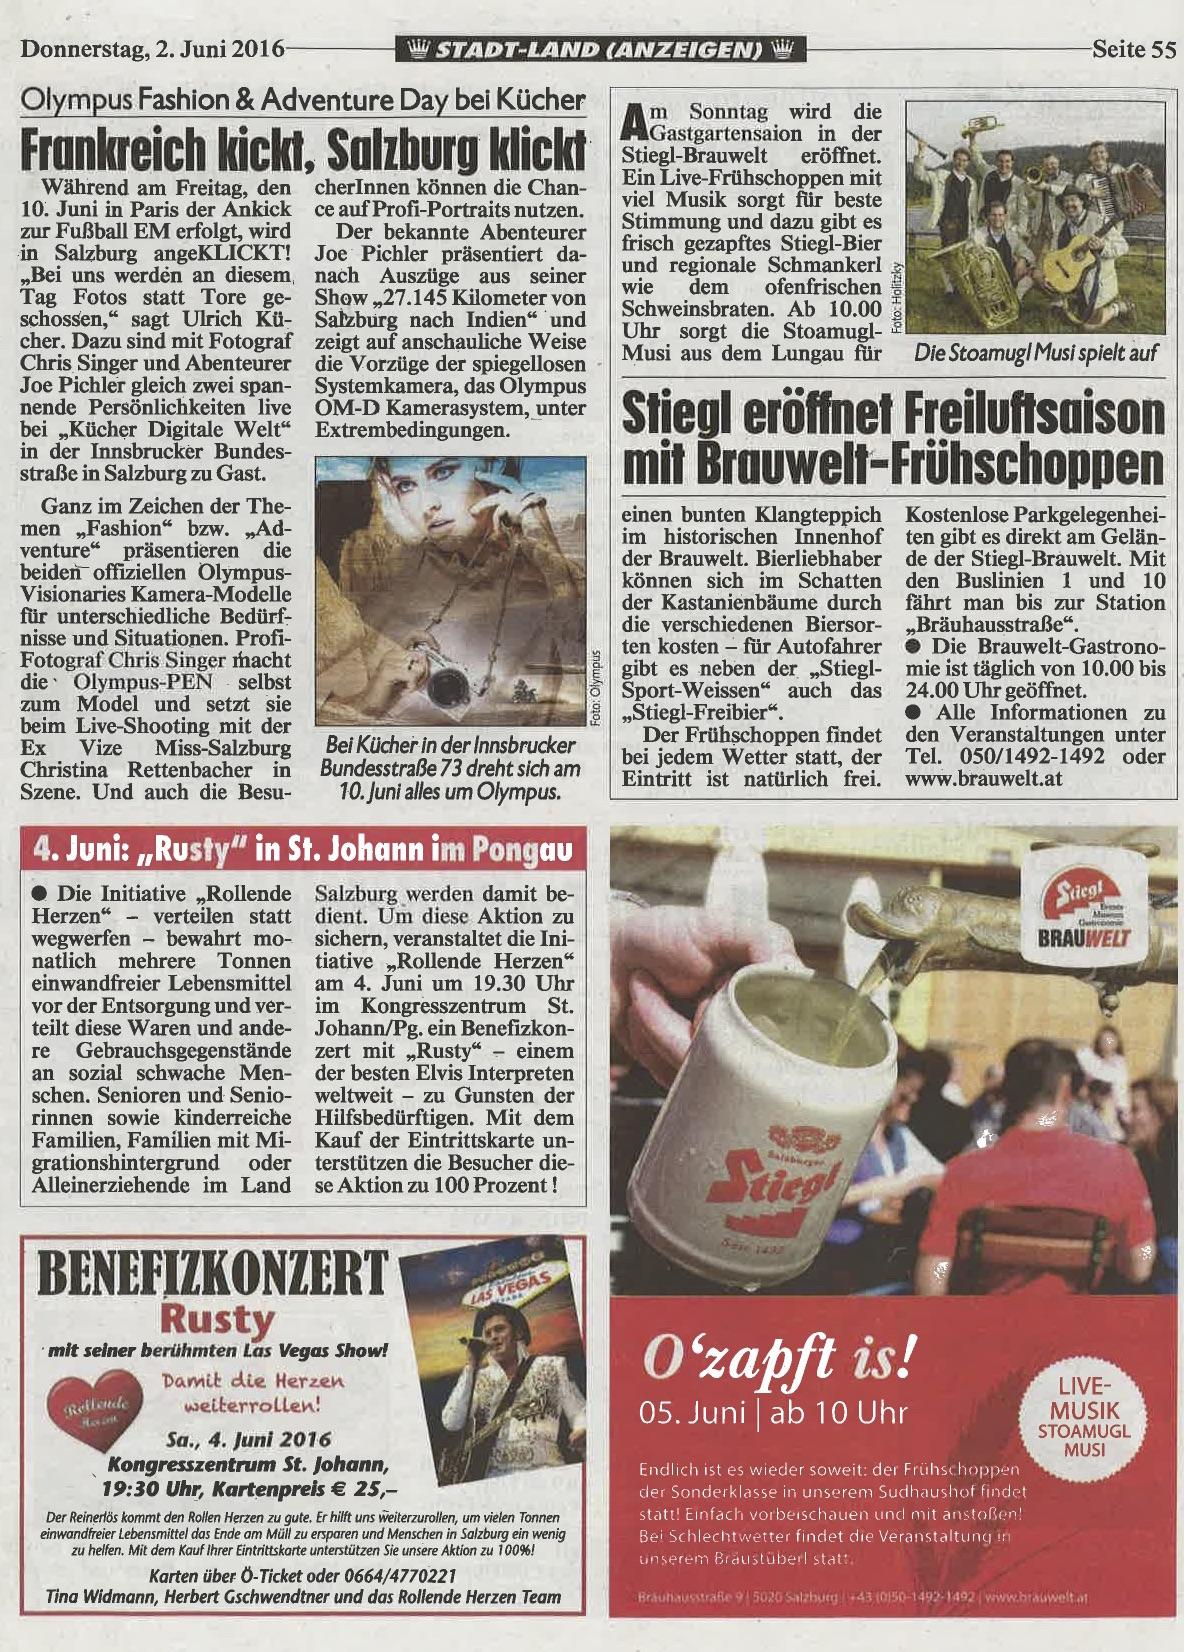 Artikel über den Olympus Fashion & Adventure Day in der Kronen Zeitung Salzburg, 02. Juni 2016